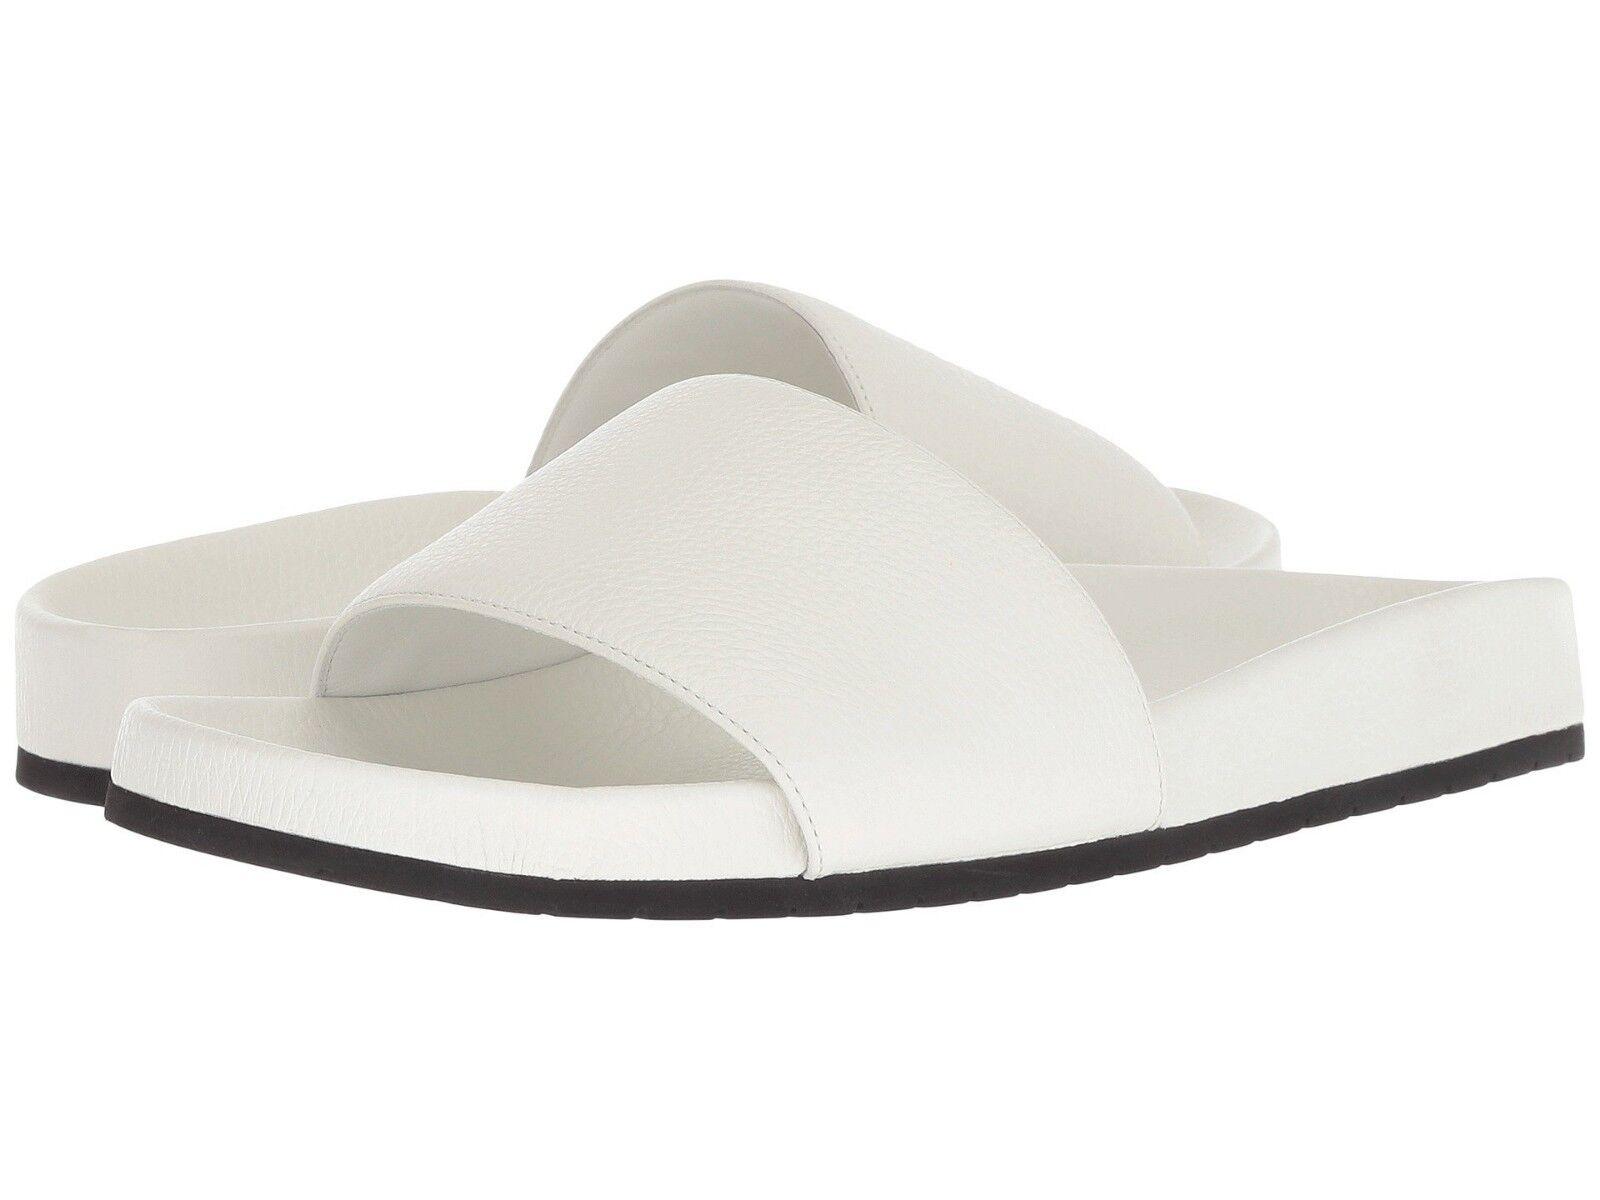 195 Nuevo Para mujeres Vince Gavin blancoo Zapatos Sandalias diapositivas Genuino 6 36  buscando agente de ventas